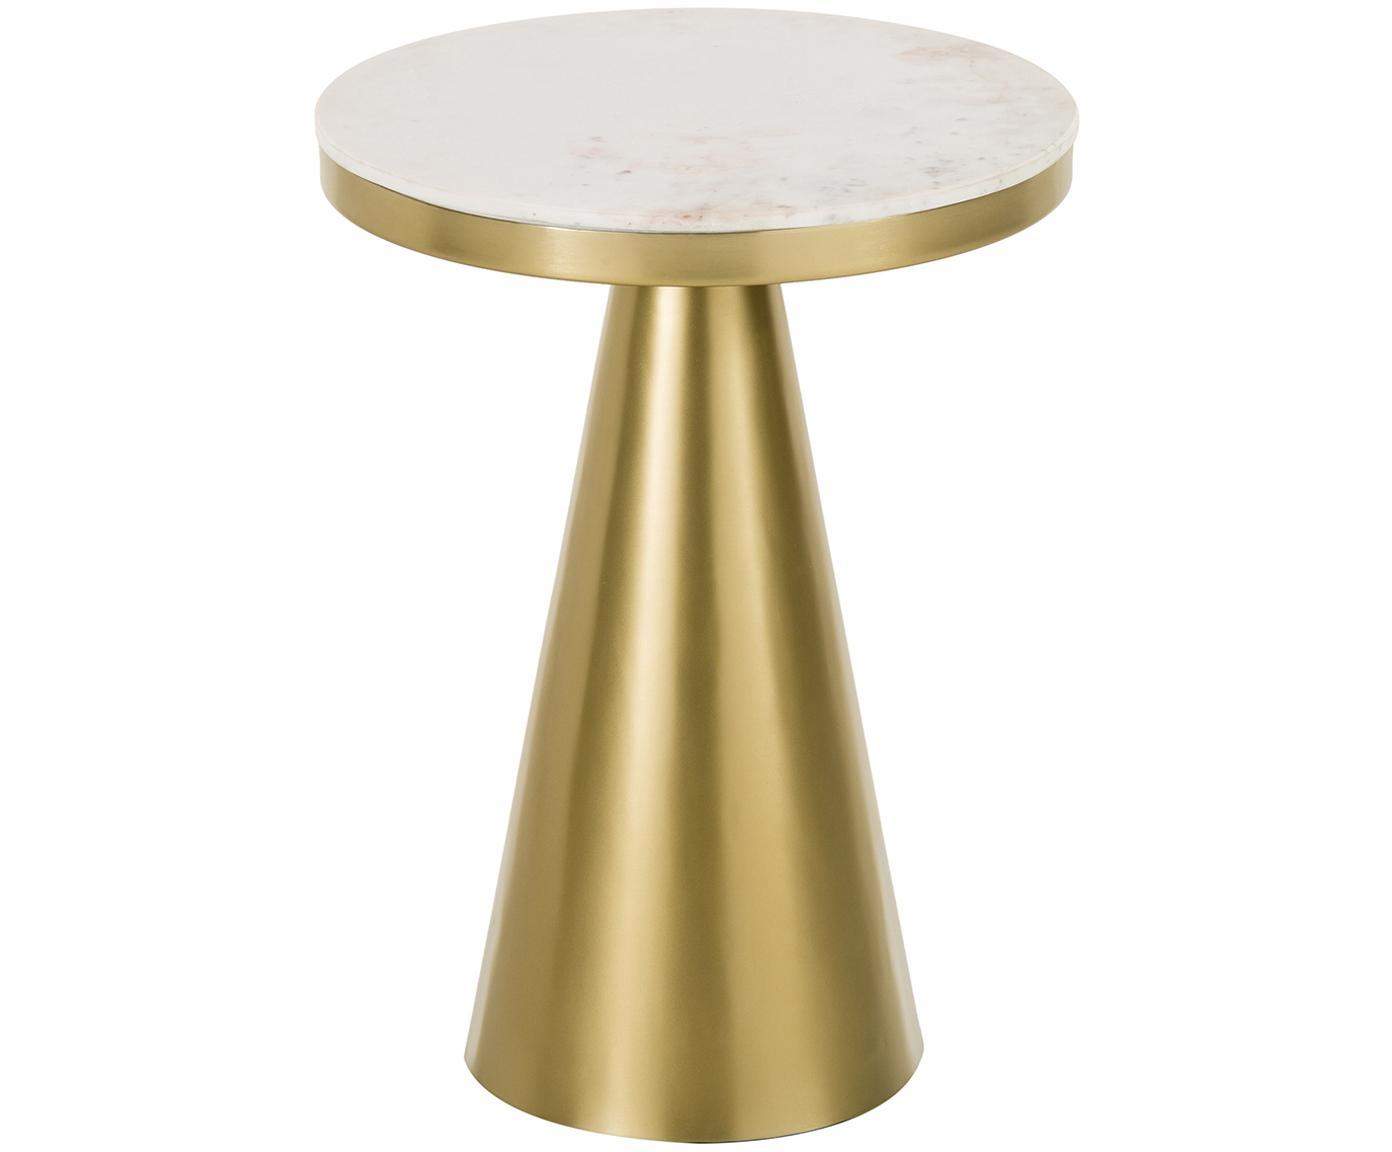 Tavolino rotondo in marmo Zelda, Piano d'appoggio: marmo, Struttura: metallo rivestito, Bianco-grigiastro marmo, dorato, Ø 41 x Alt. 54 cm